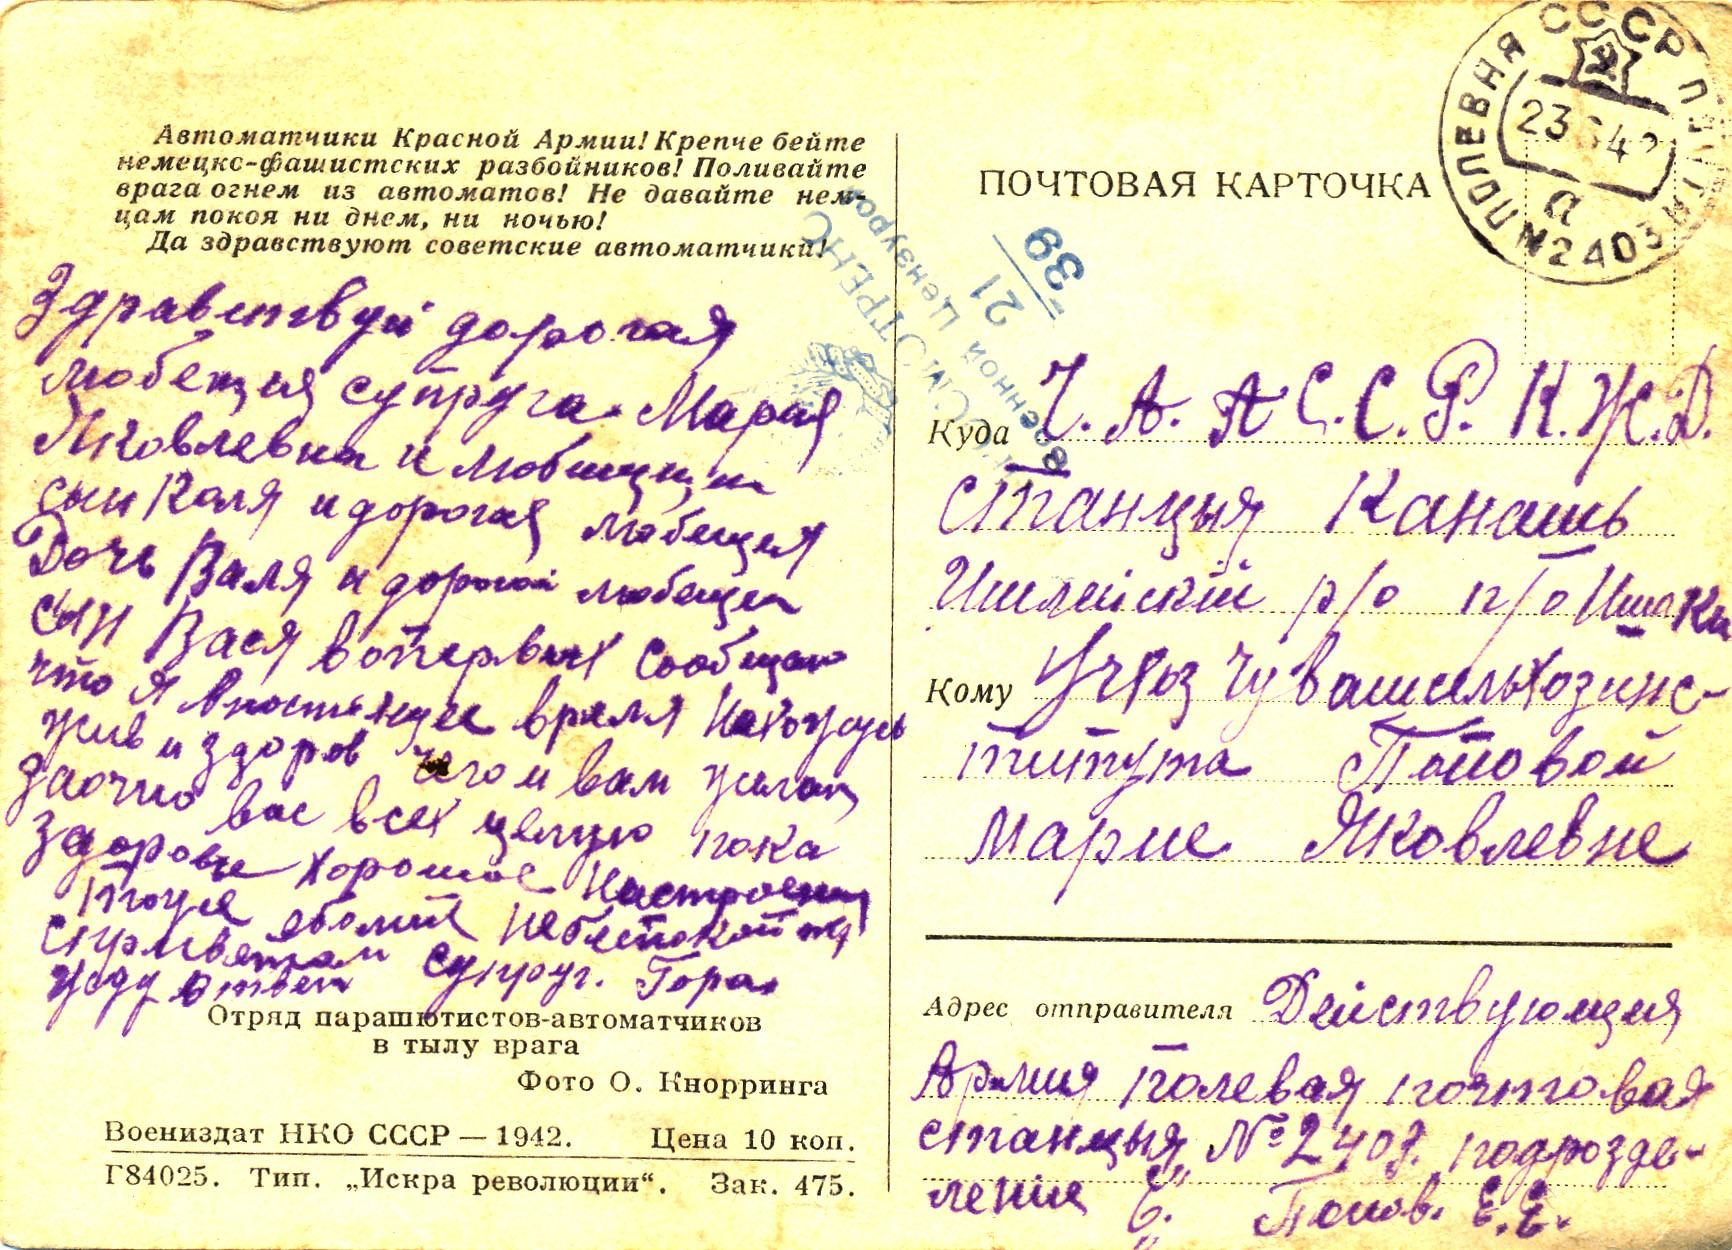 Последние письмо капитана Советской армии ВОВ